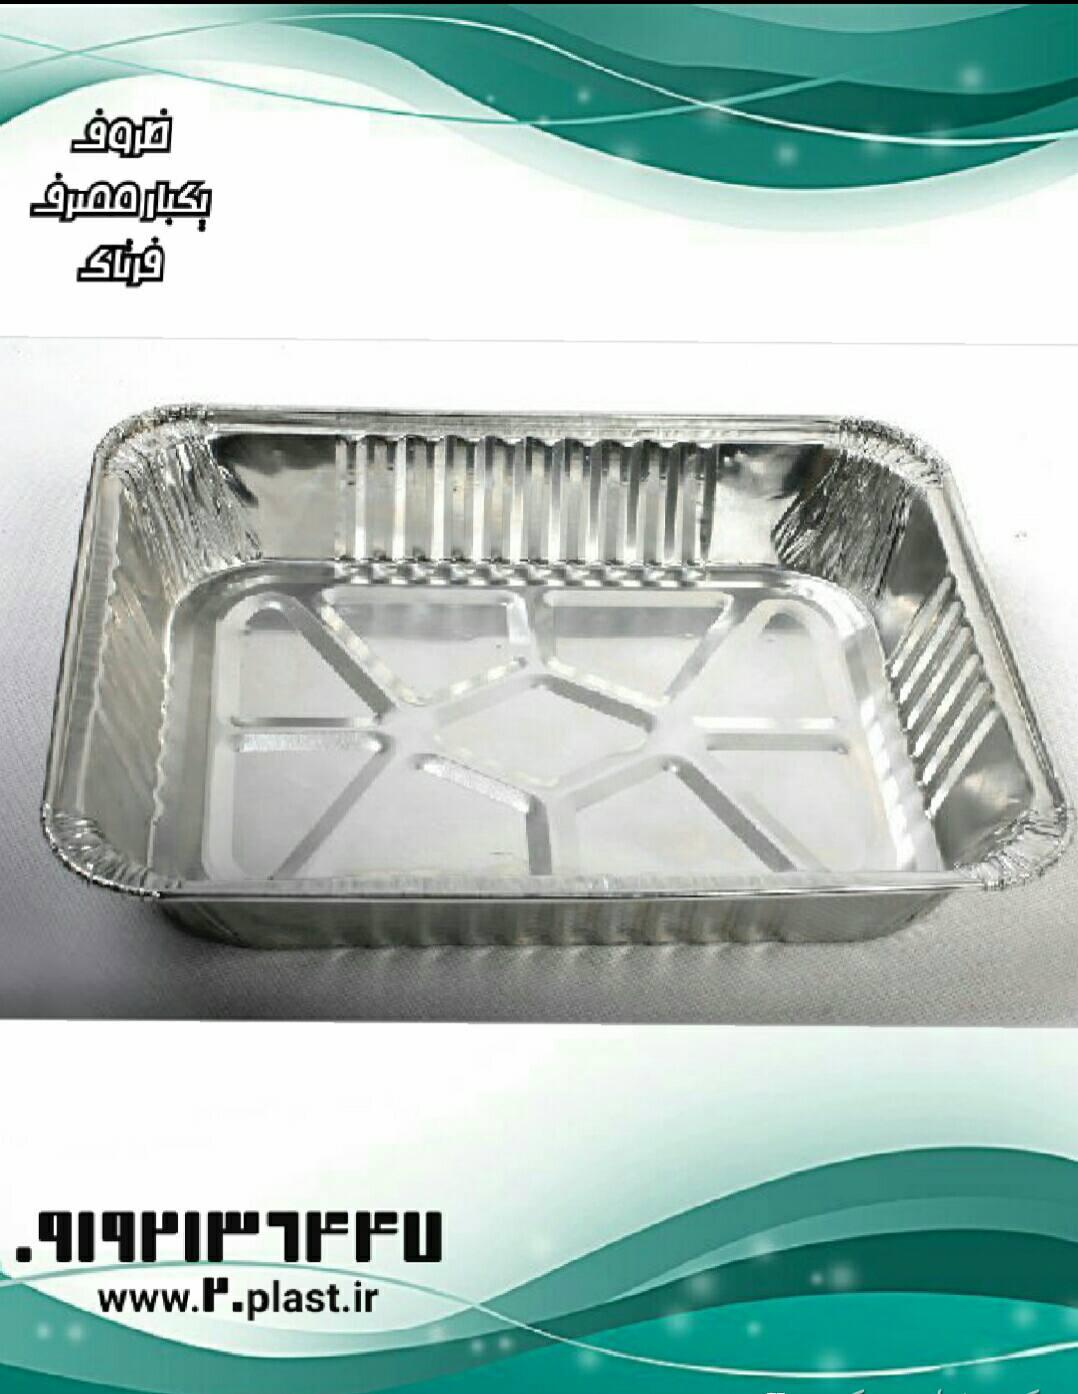 ظروف یکبار مصرف آلومینیومی کرج